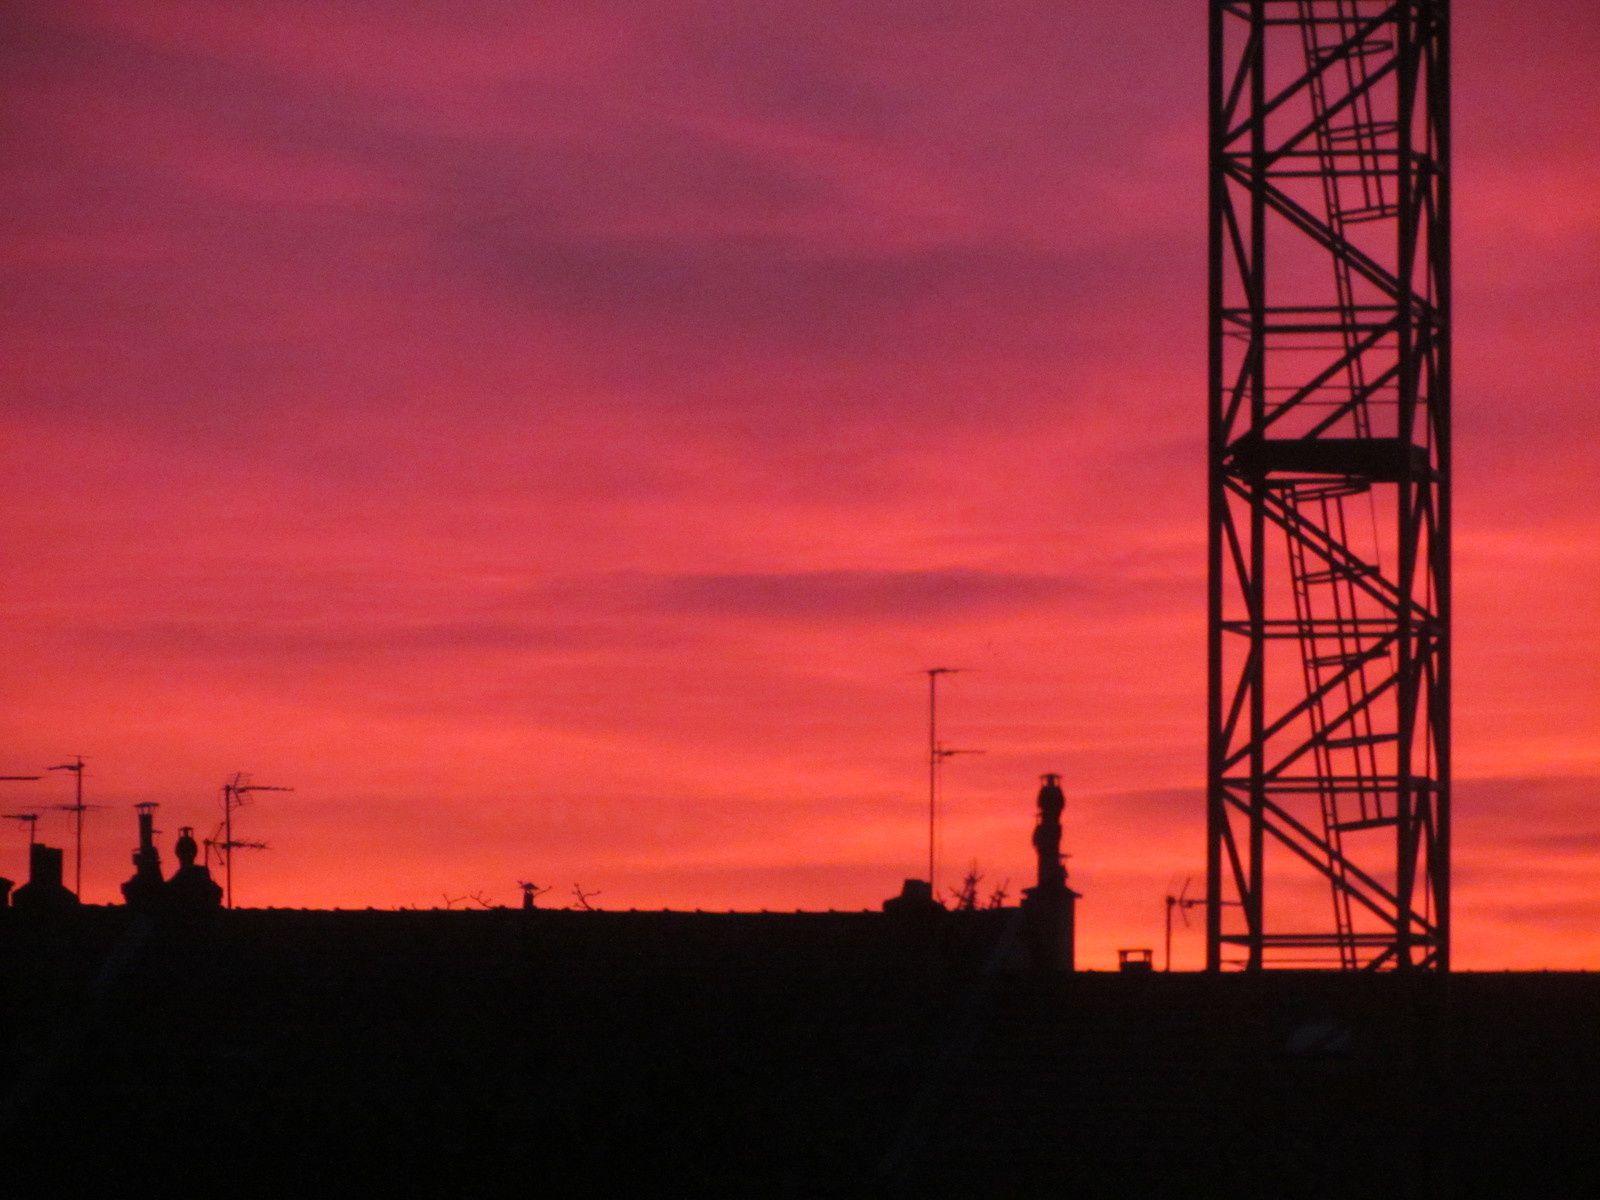 Lyon : Fête de la lumière avant l'heure